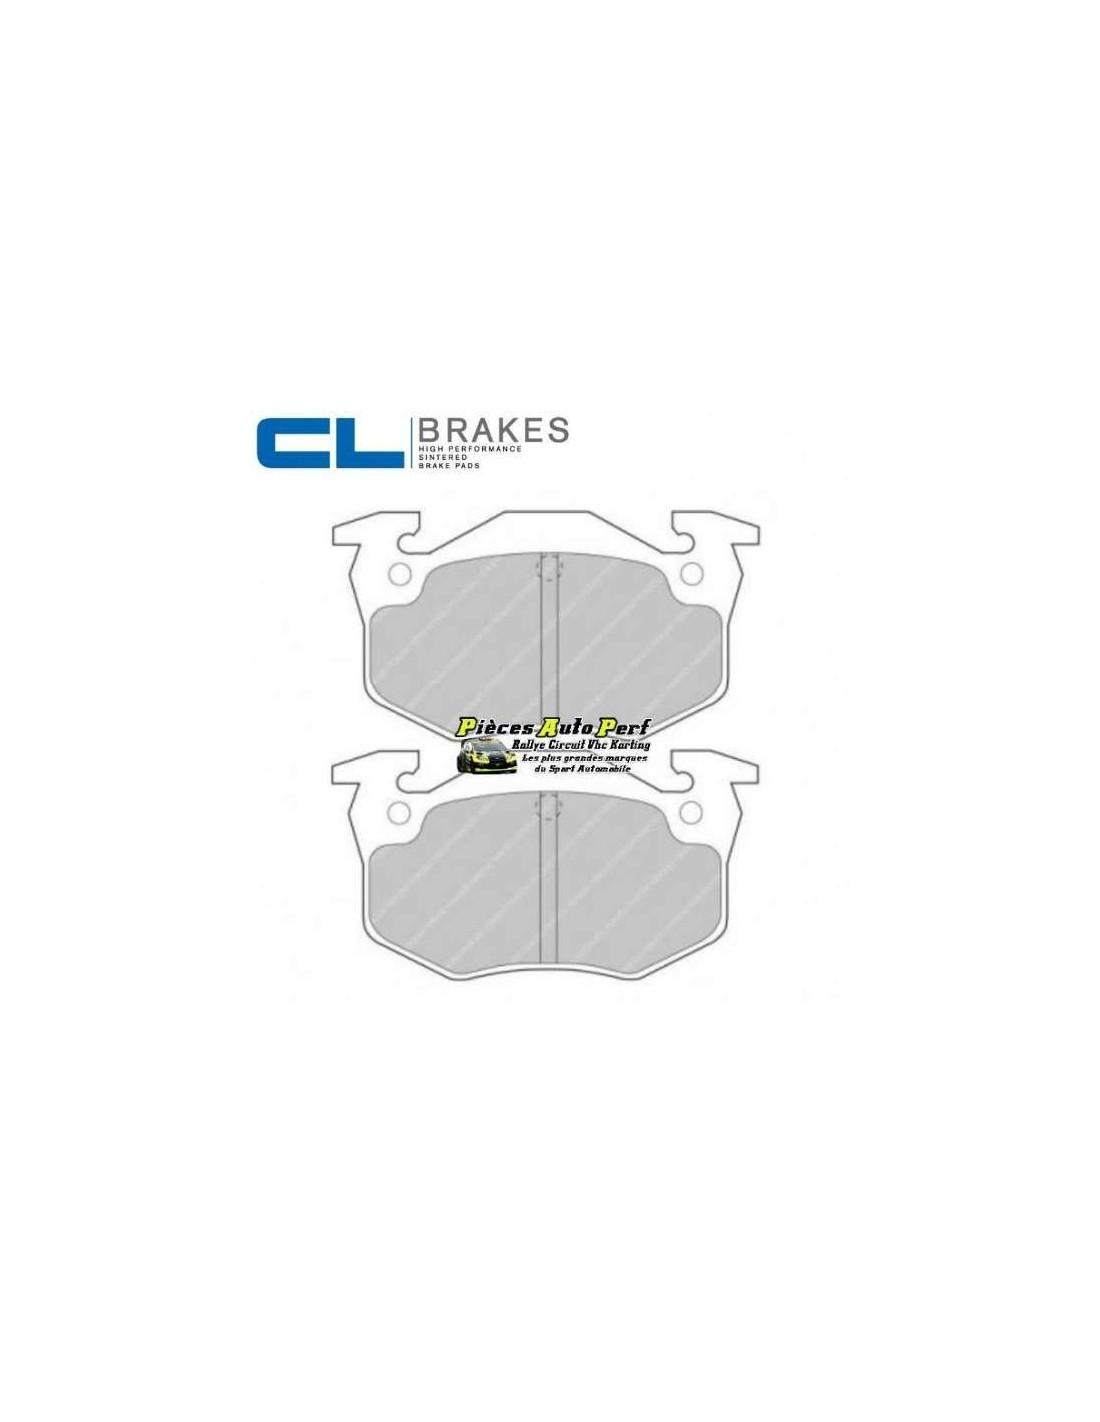 plaquettes de freins arri re cl brakes pour peugeot 206 2l0 rc. Black Bedroom Furniture Sets. Home Design Ideas